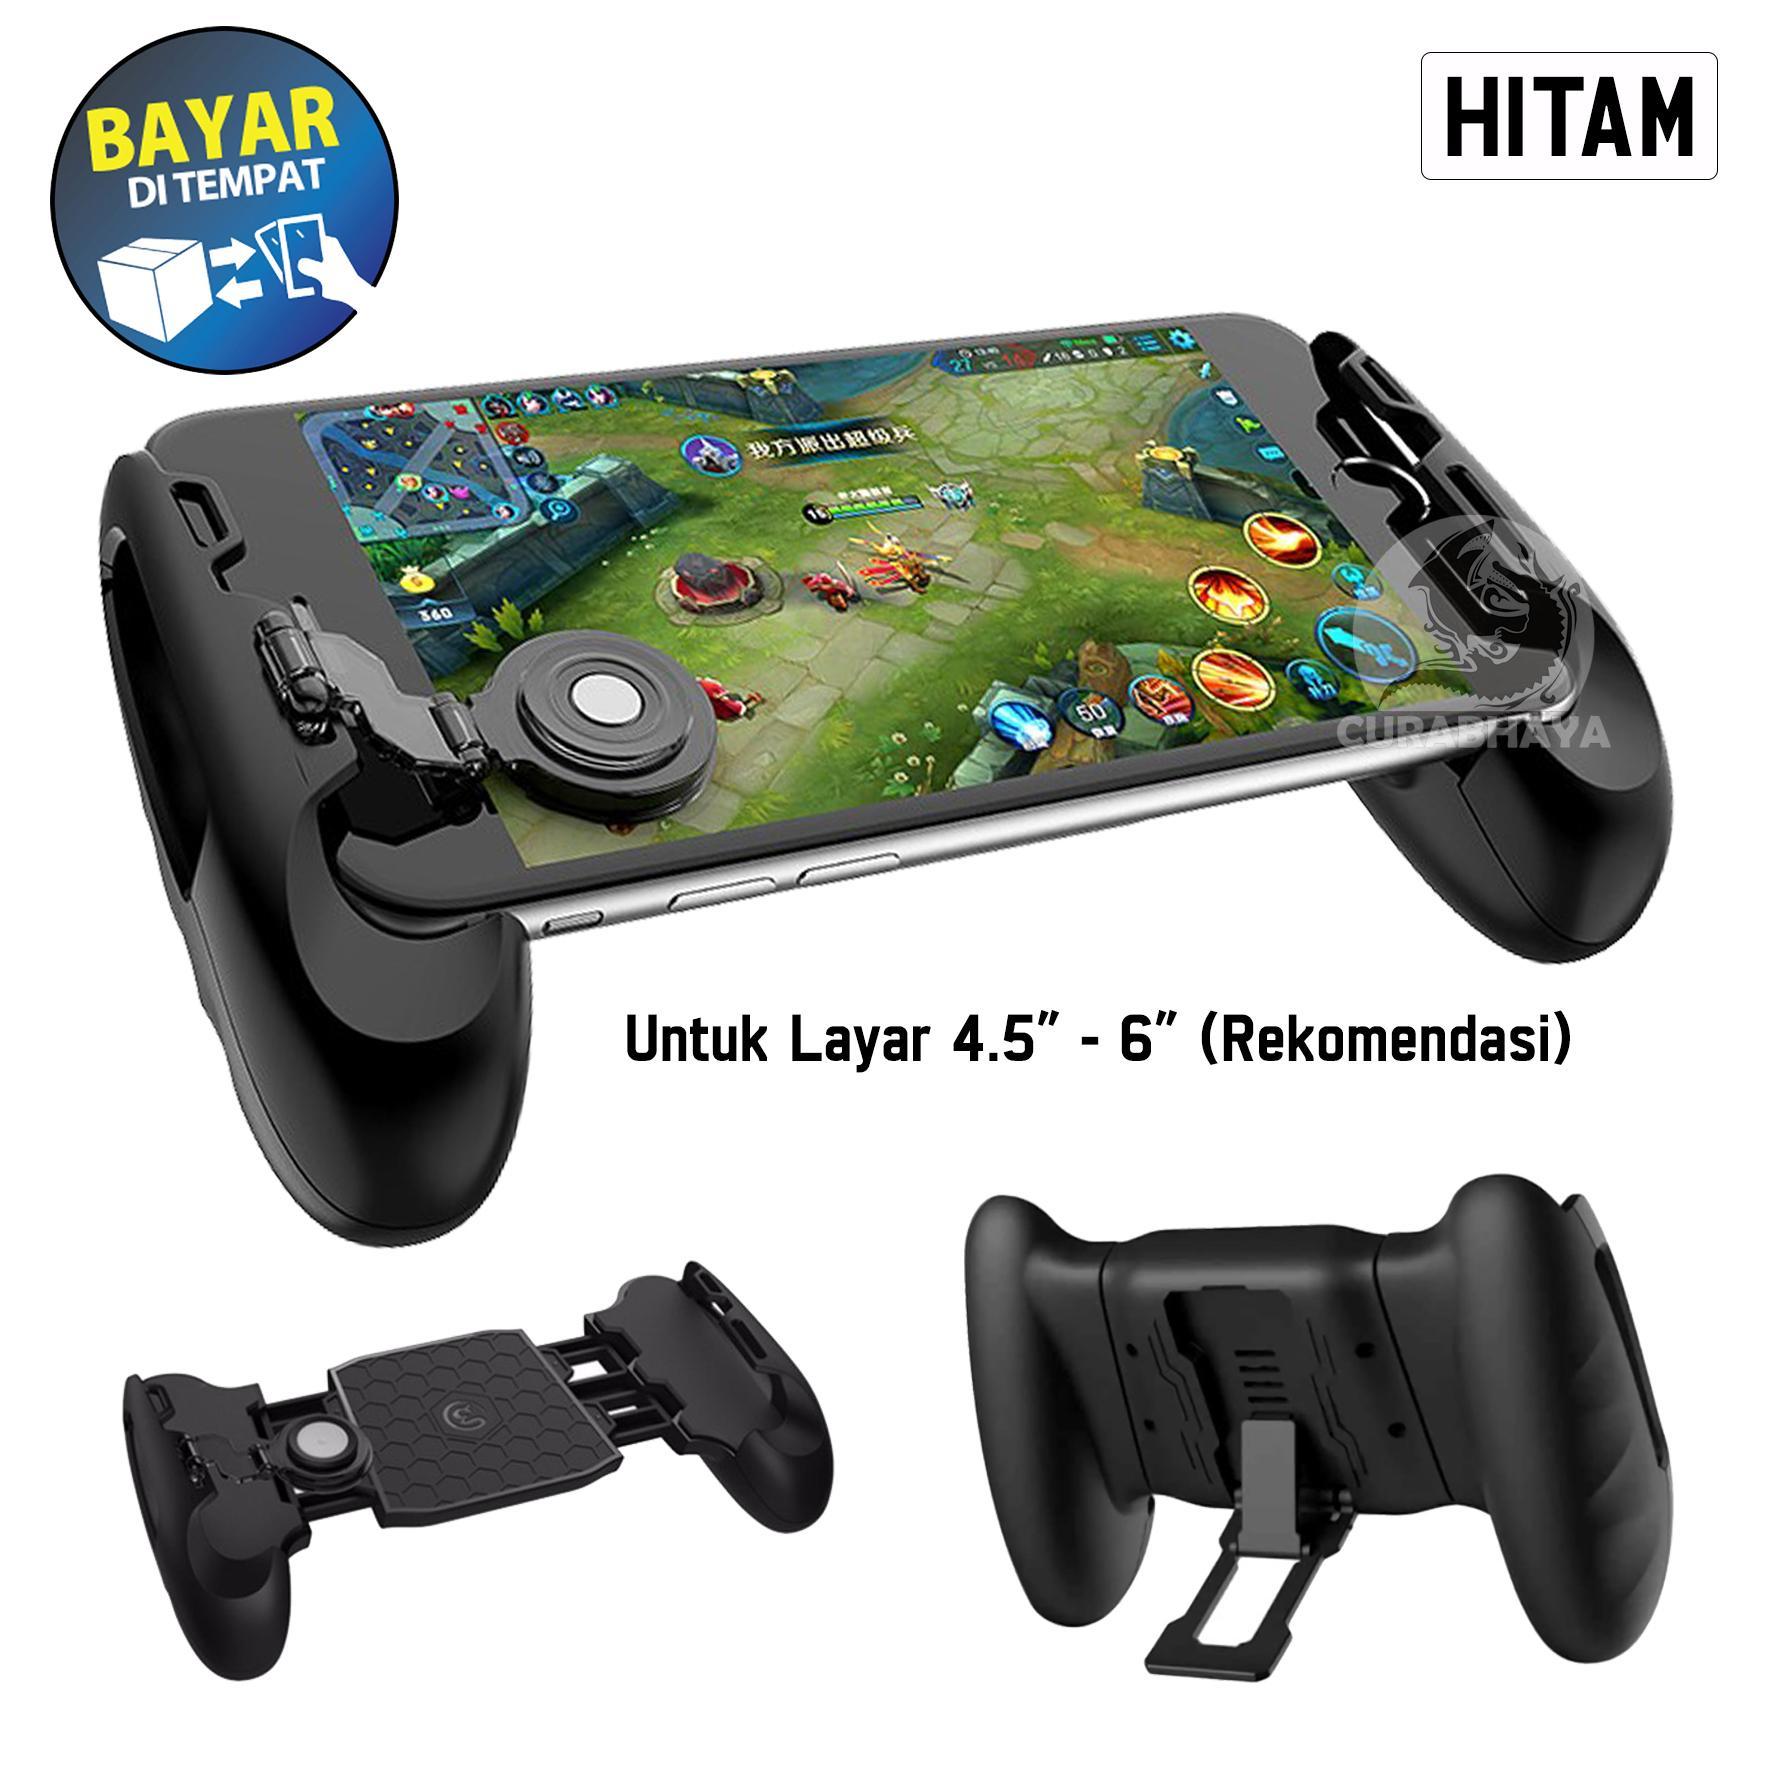 Game Konsol Membeli Game Konsol Harga Terbaik Di Indonesia Www